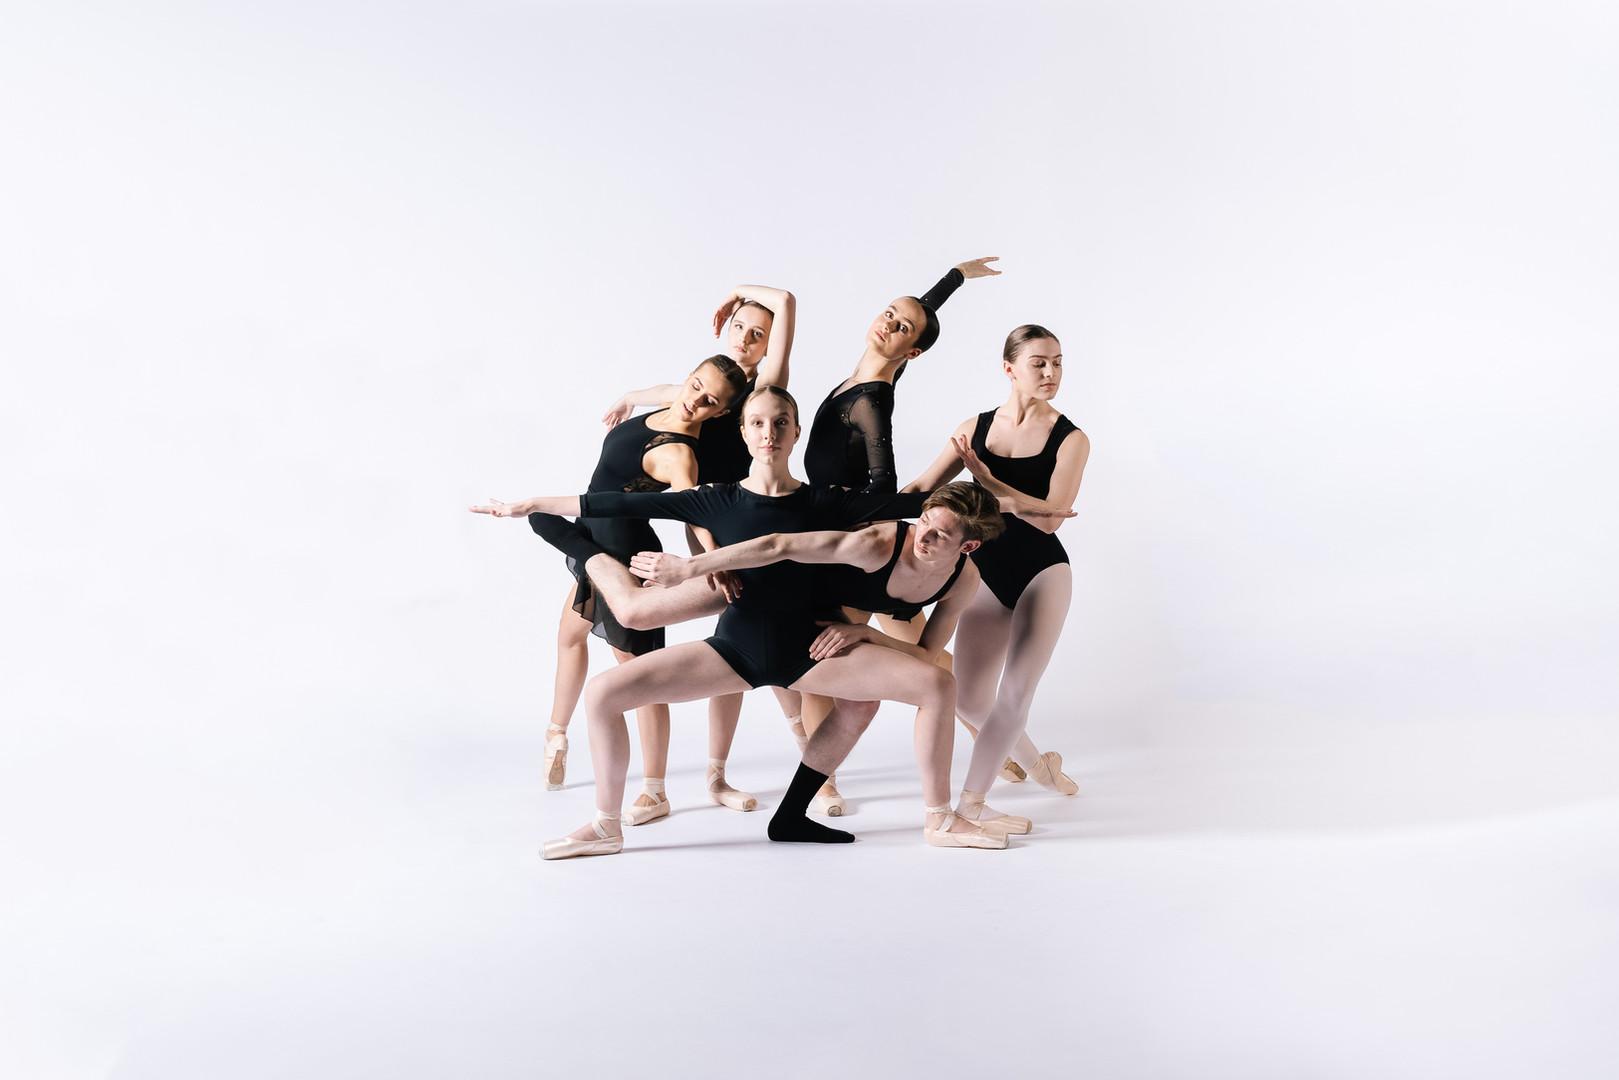 manchester-dance-photographer-29.jpg